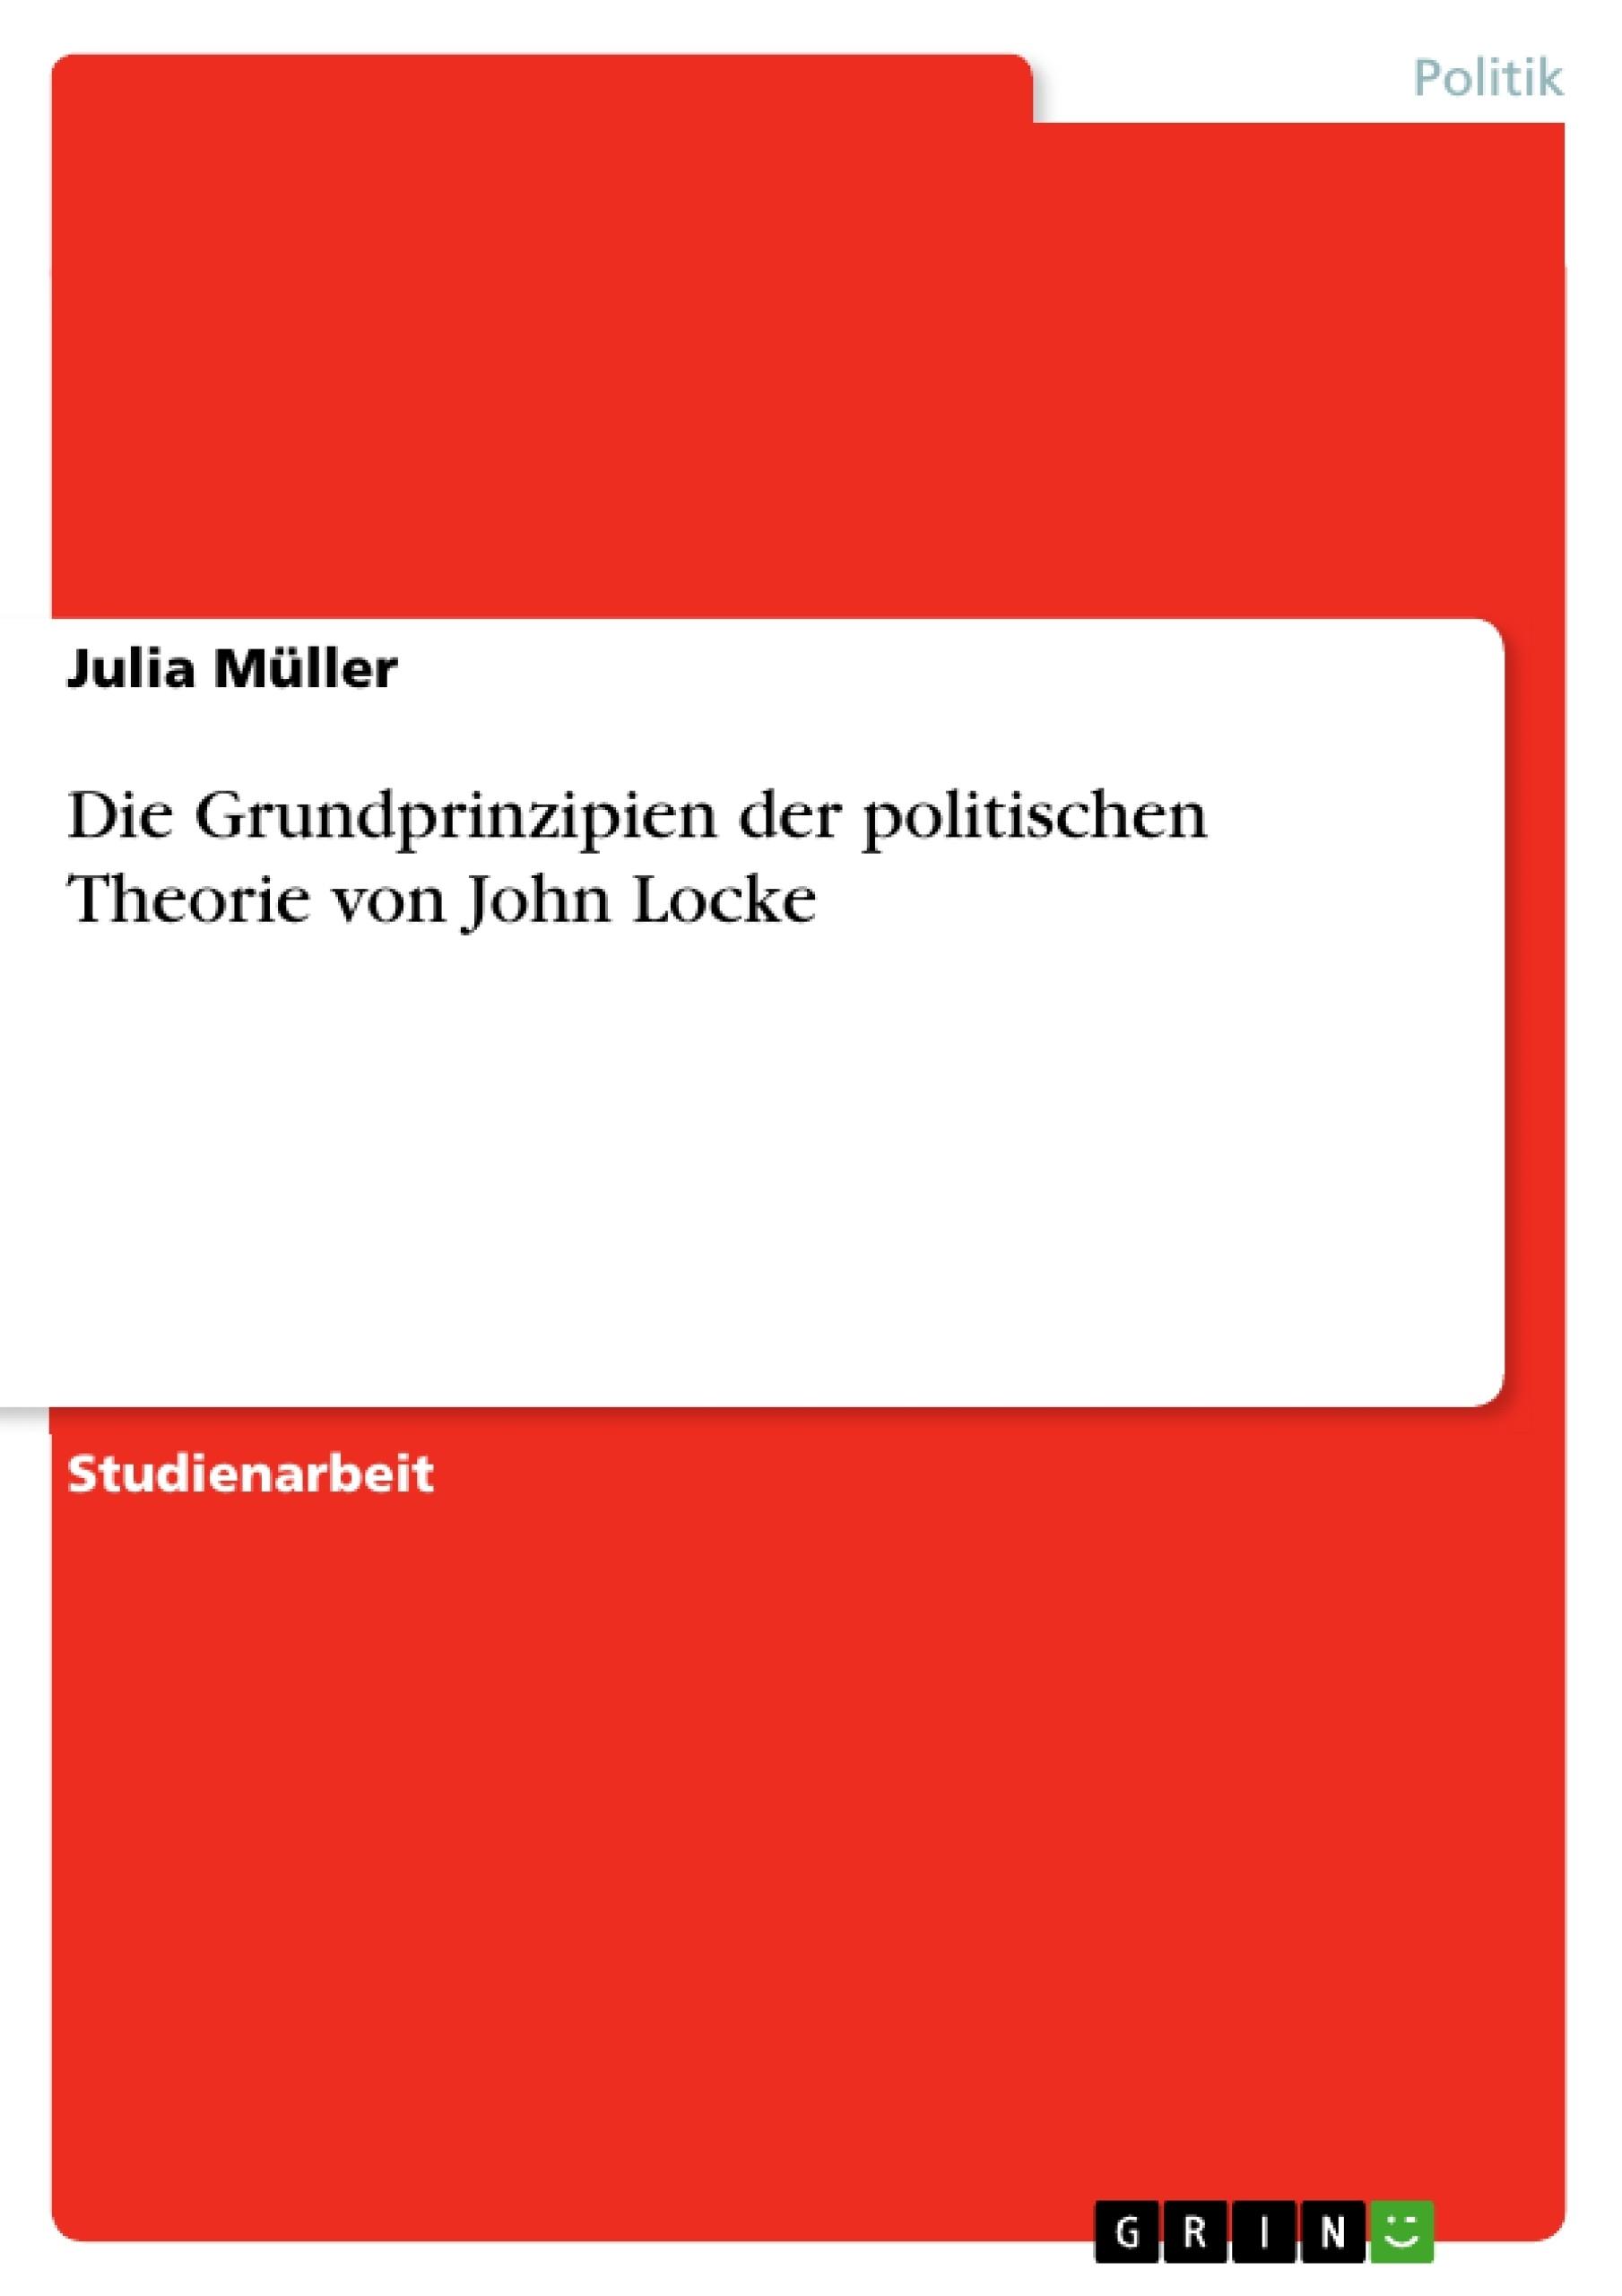 Titel: Die Grundprinzipien der politischen Theorie von John Locke